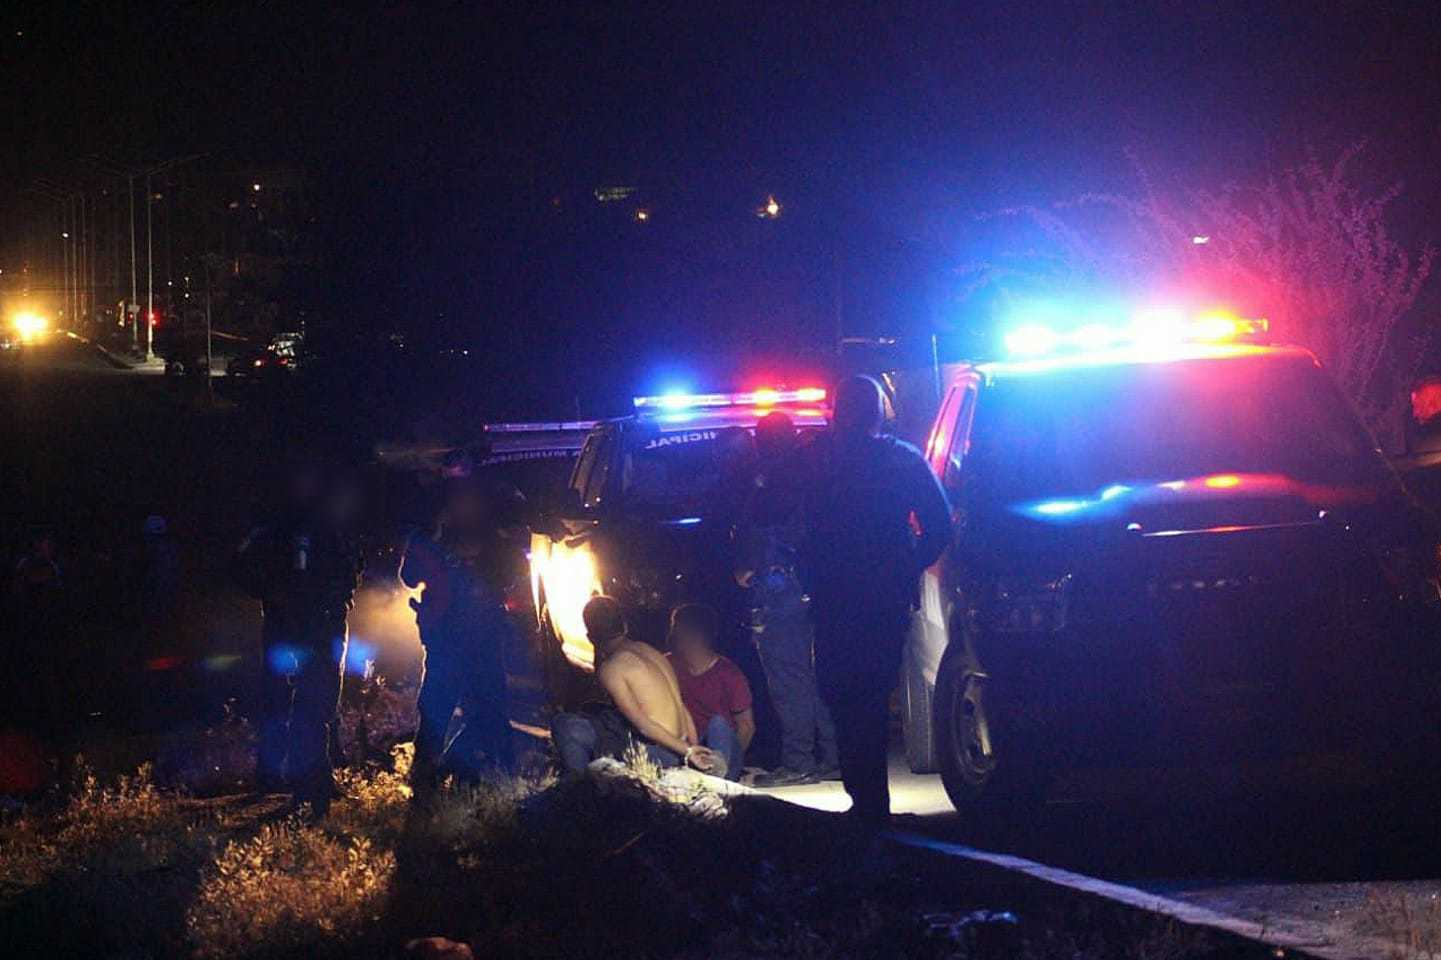 Tras persecución policial, detienen a tres jóvenes a bordo de un vehículo con reporte de robo